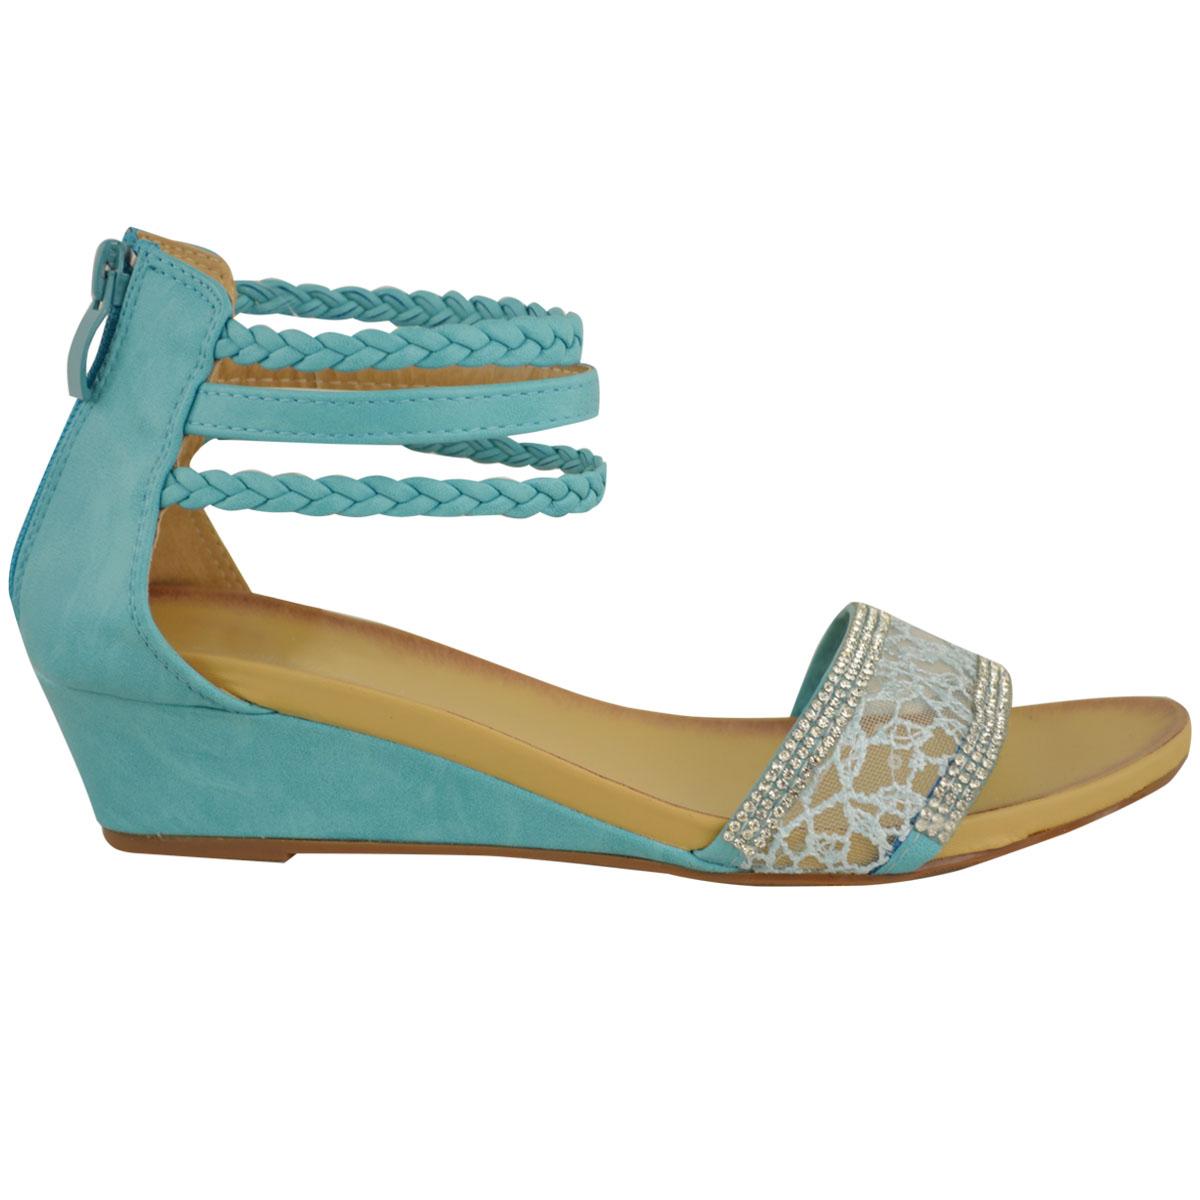 Ladies Low Wedge Heel Shoes